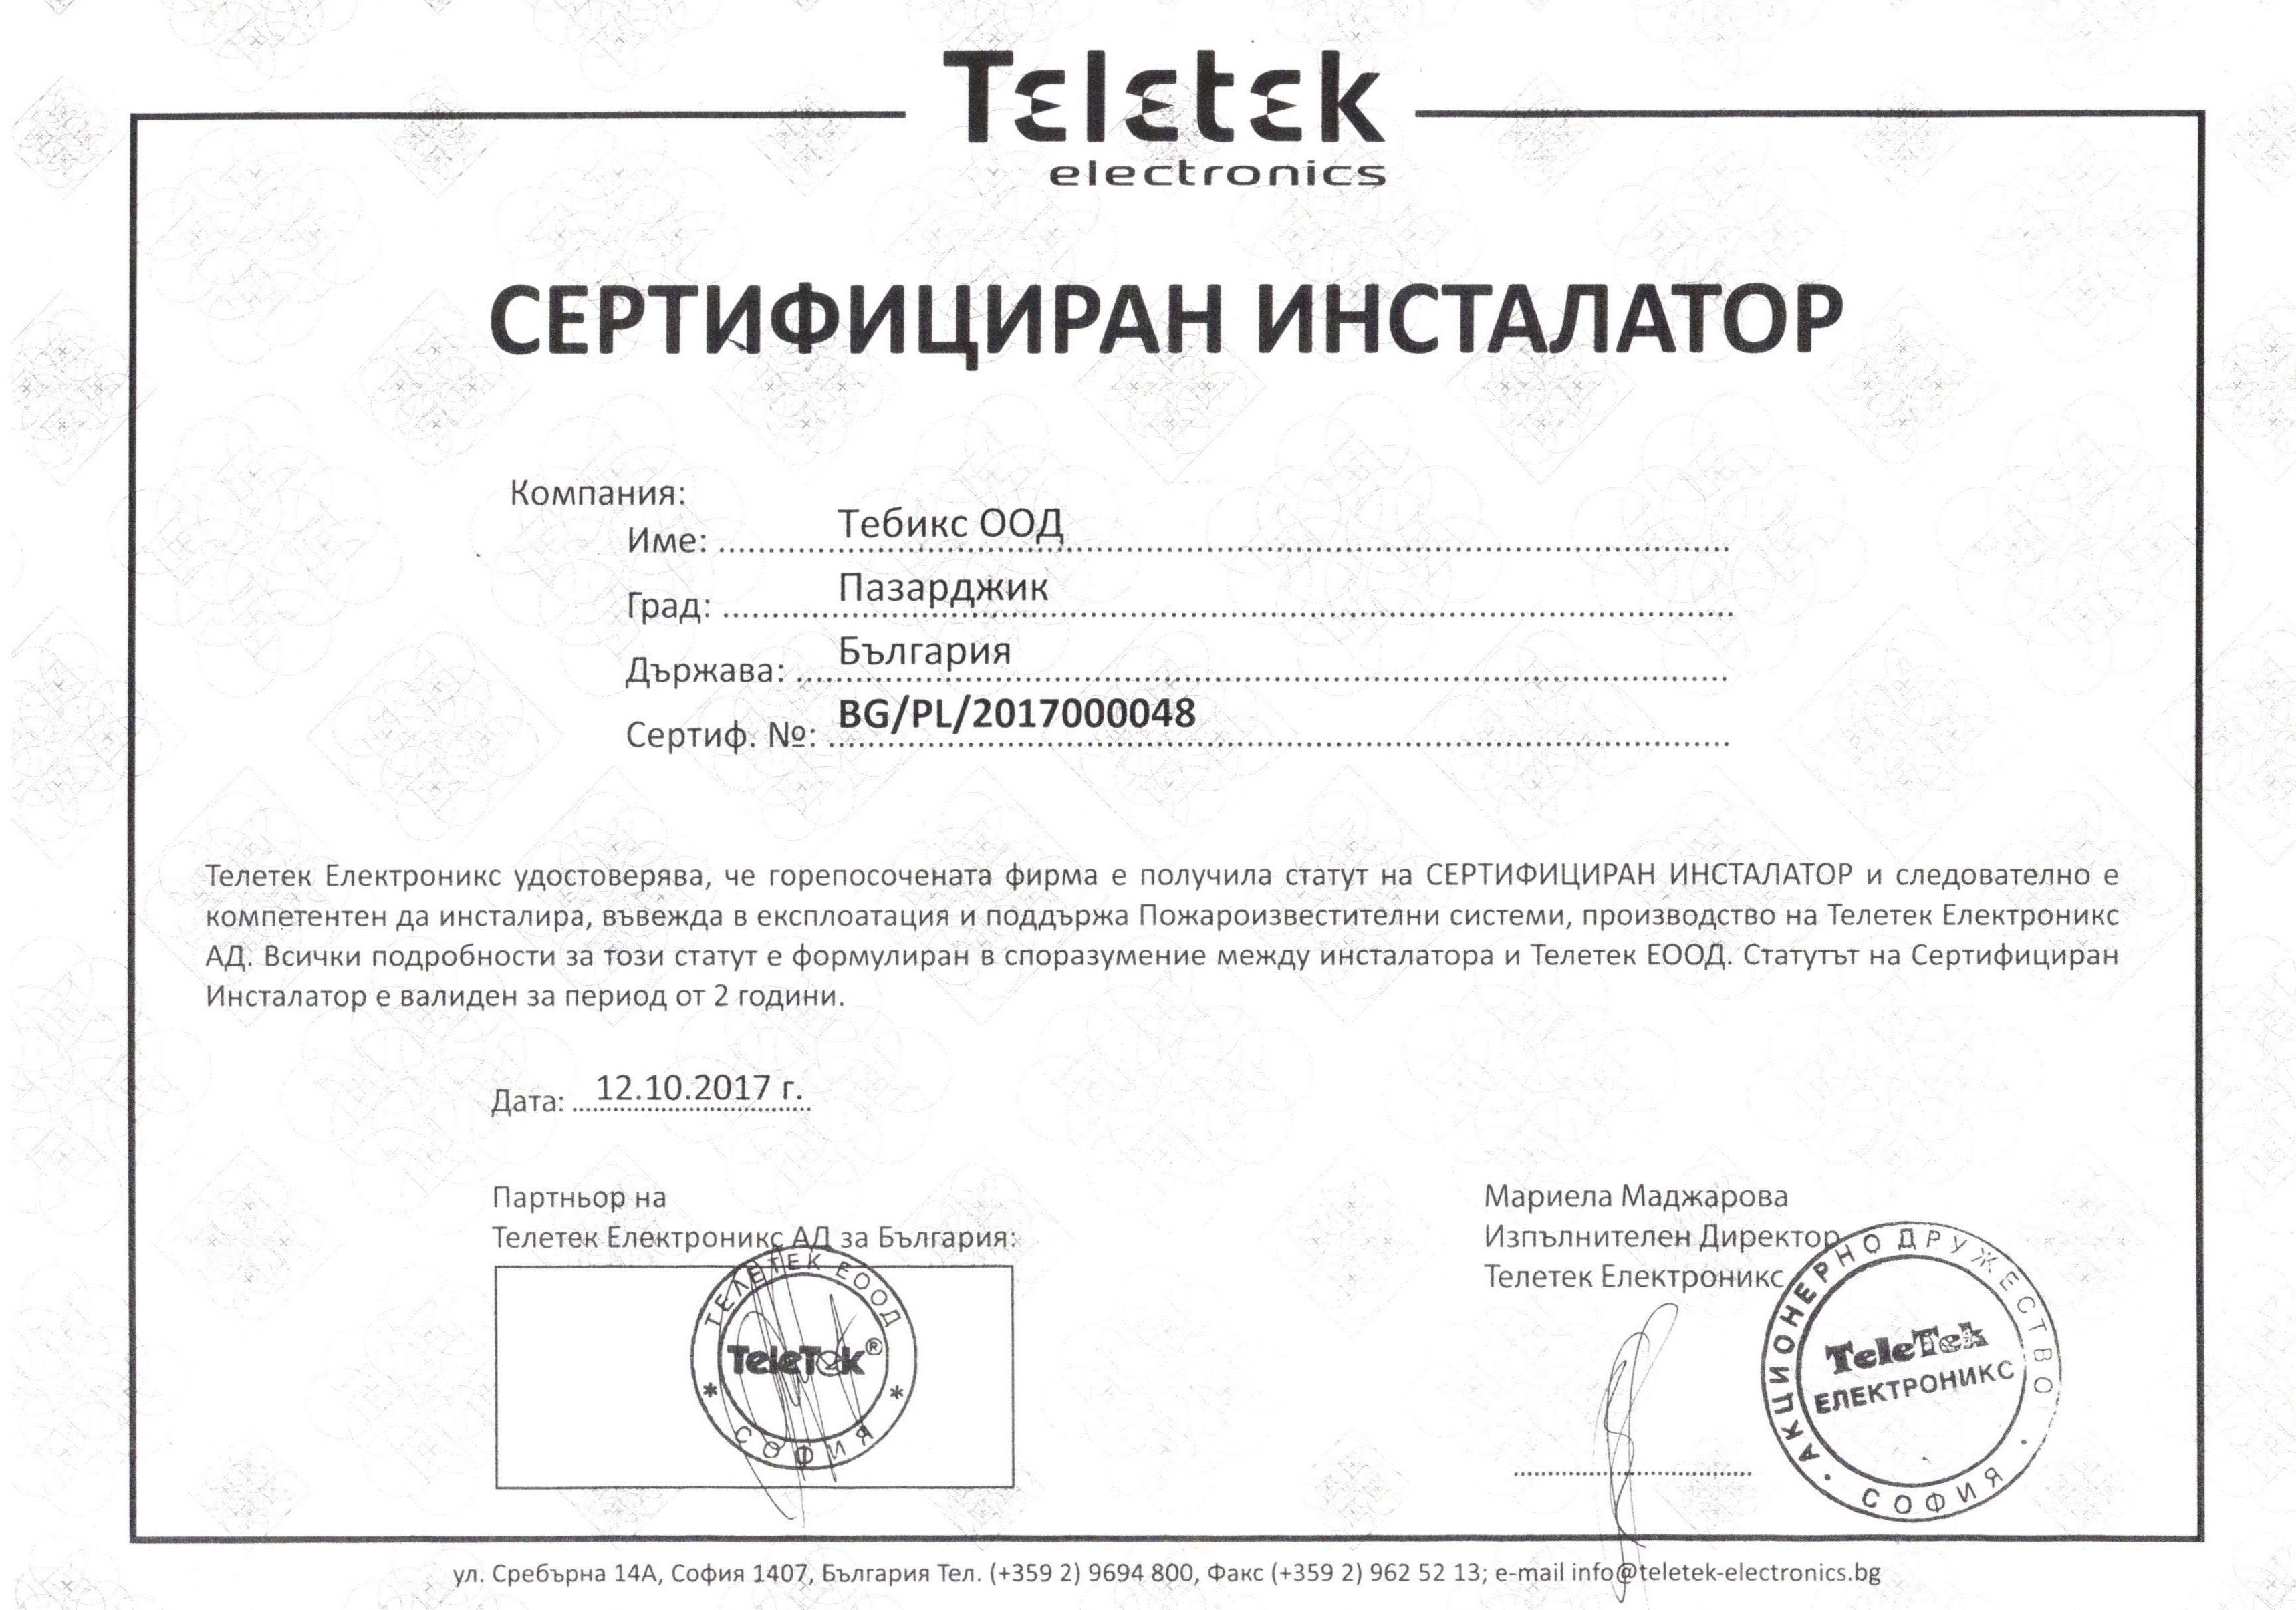 Сертификат инсталатор